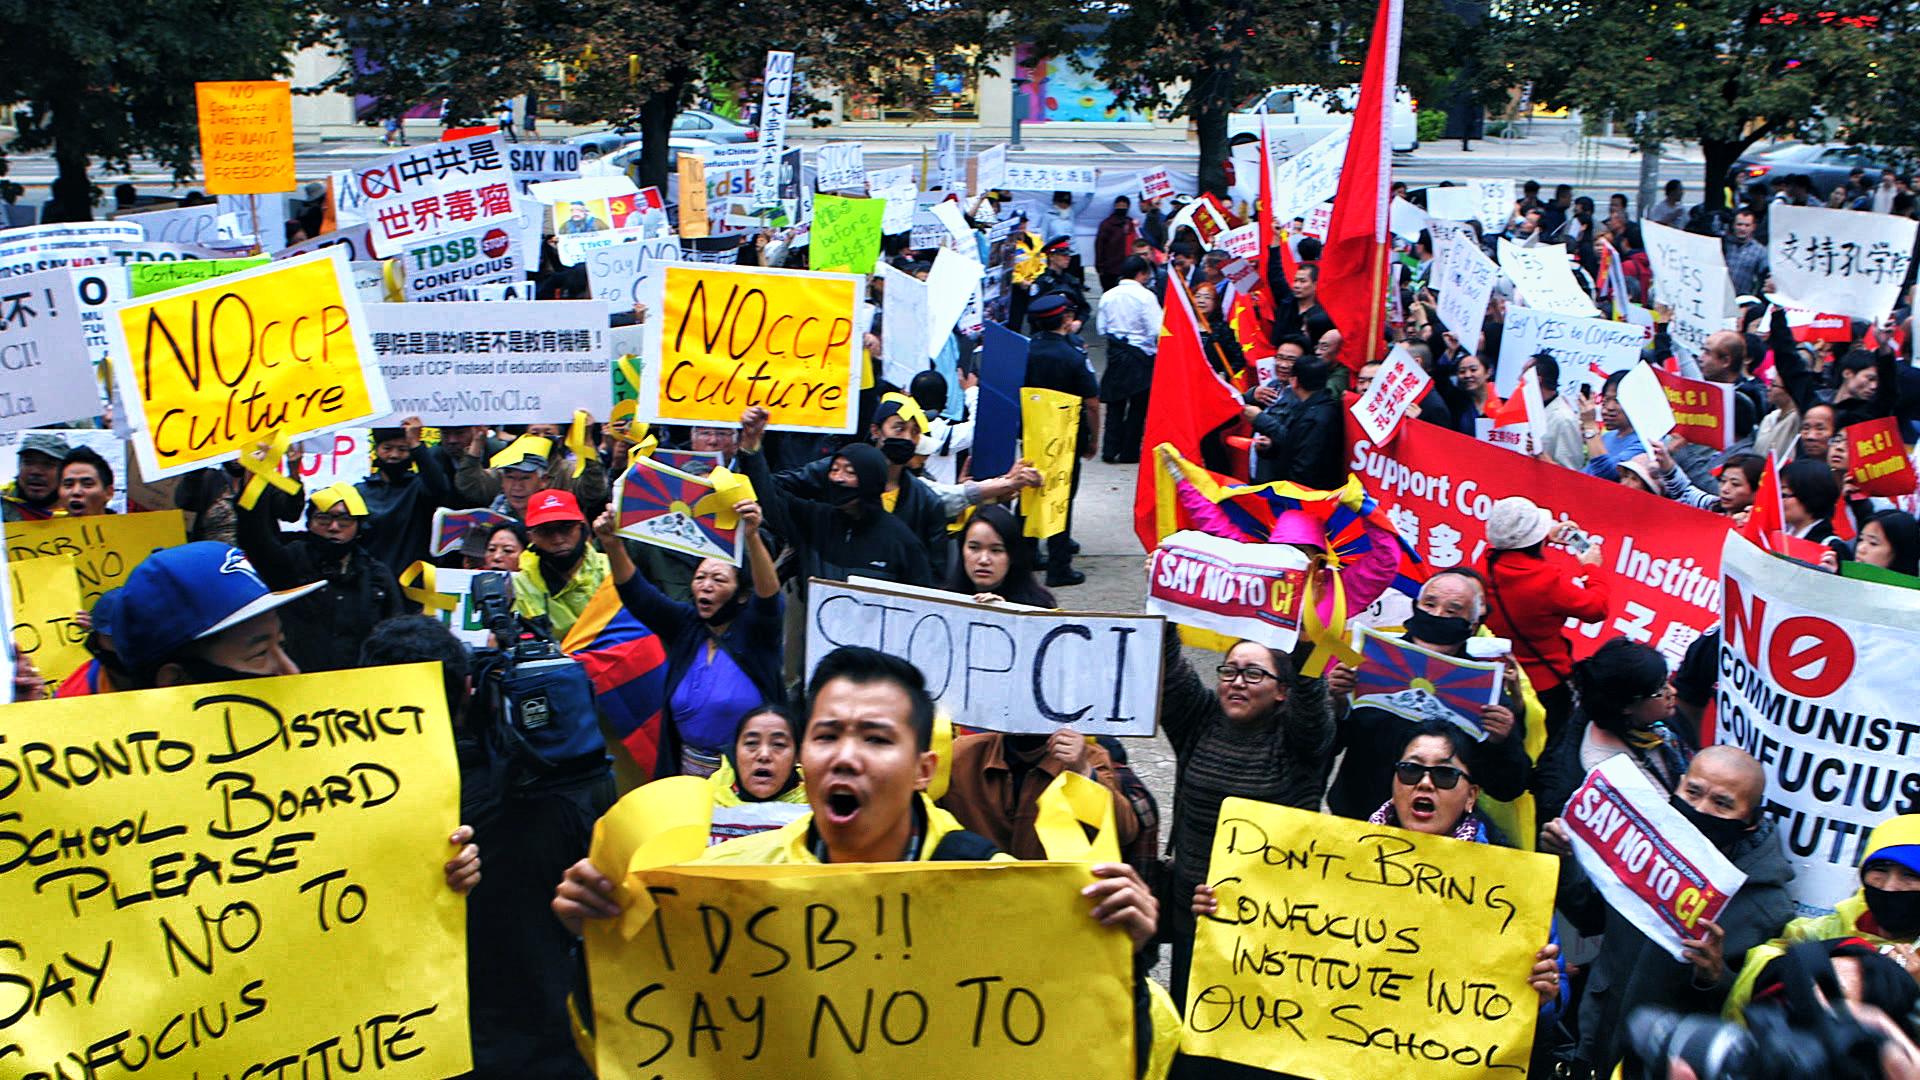 多倫多教育局門前反對及支持孔子學院的示威人群。